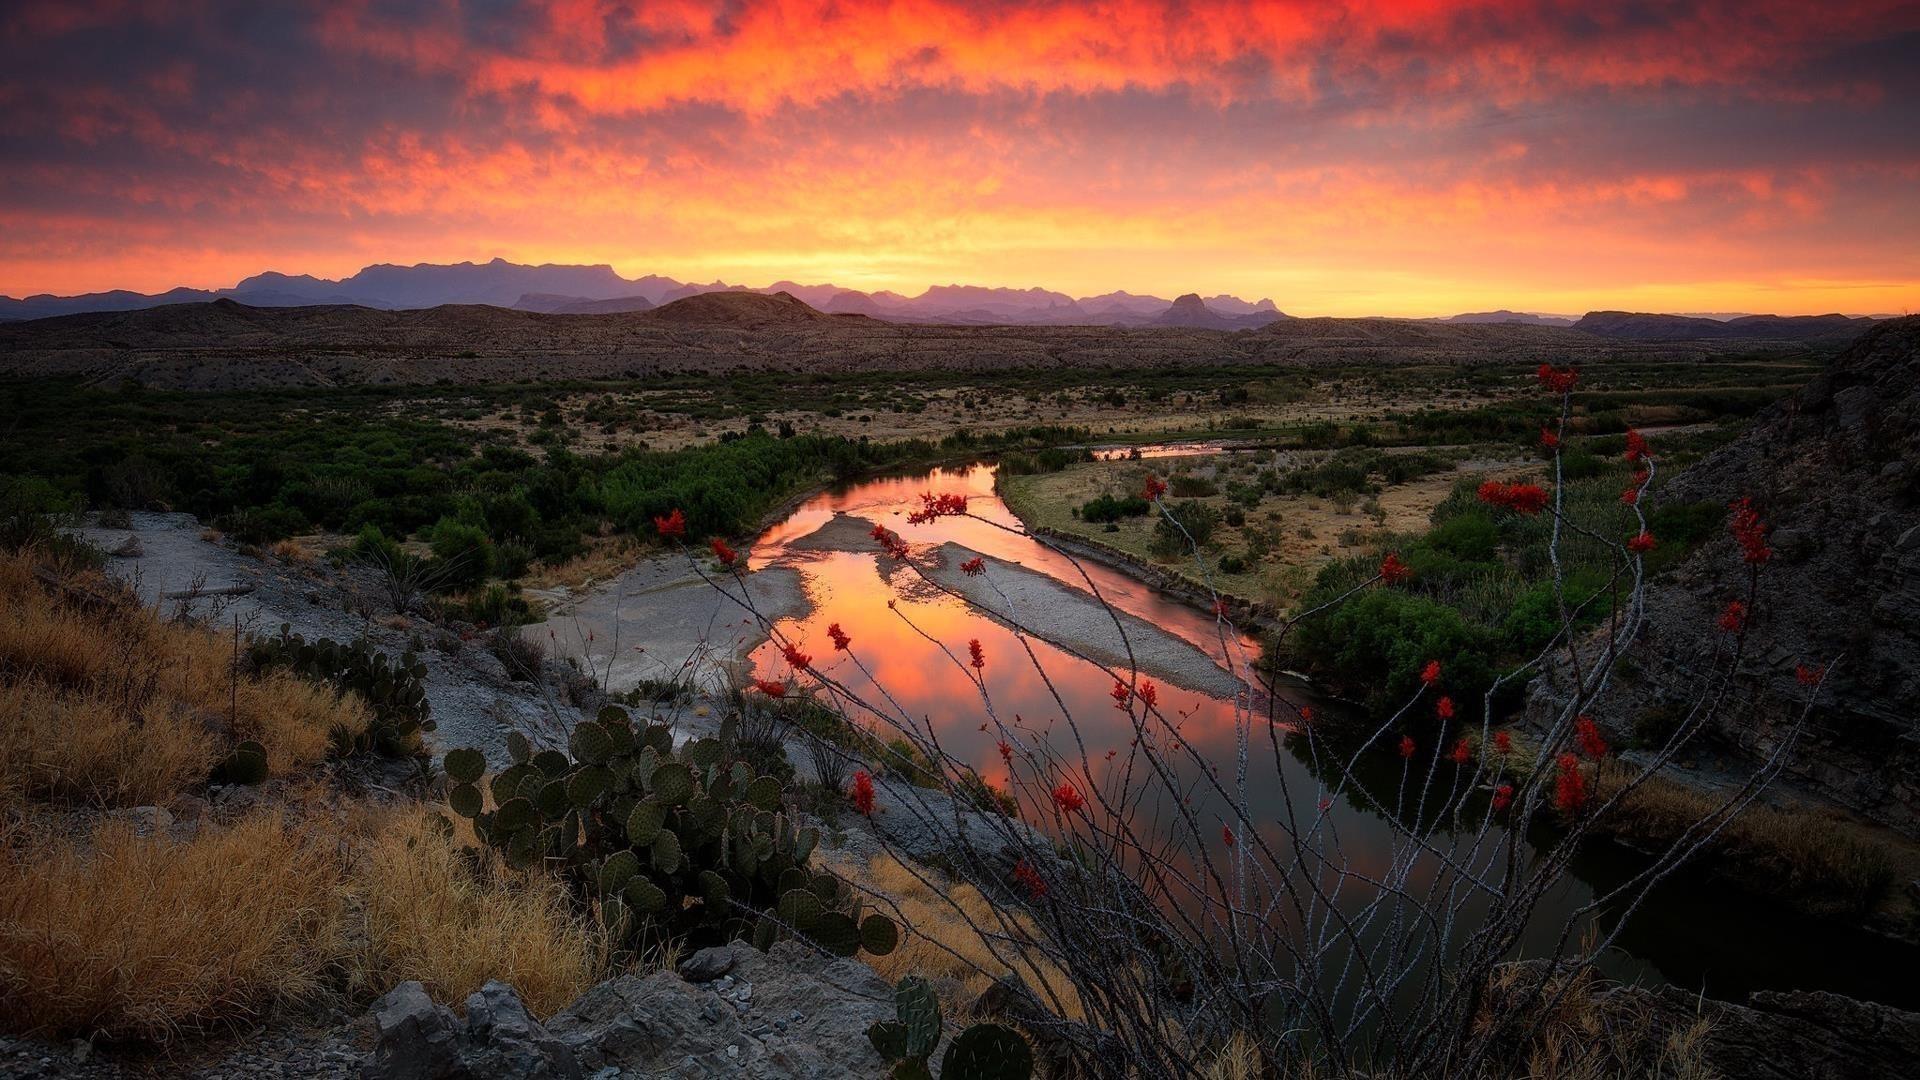 Река между кактусами и зелеными деревьями с пейзажем горы под огненным облачным небом природа обои скачать